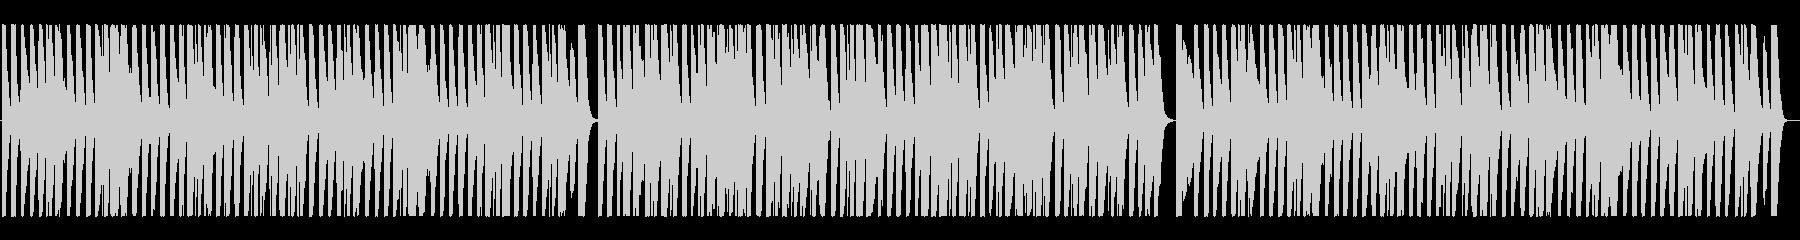 陽気な「ジングルベル」ラグタイムジャズの未再生の波形